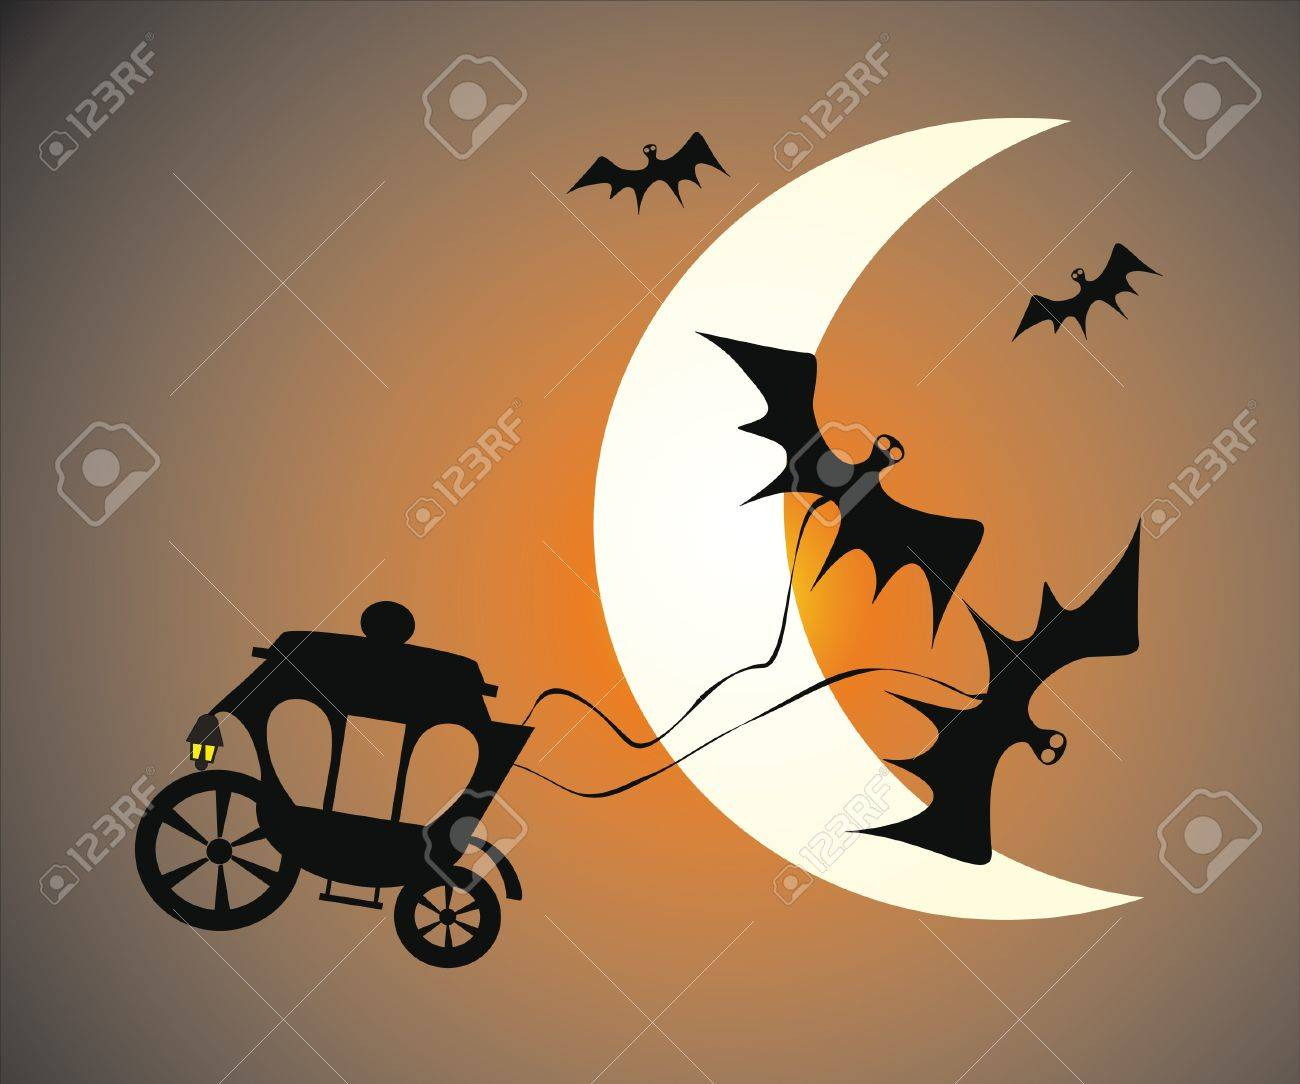 horror illustration Stock Vector - 8342362